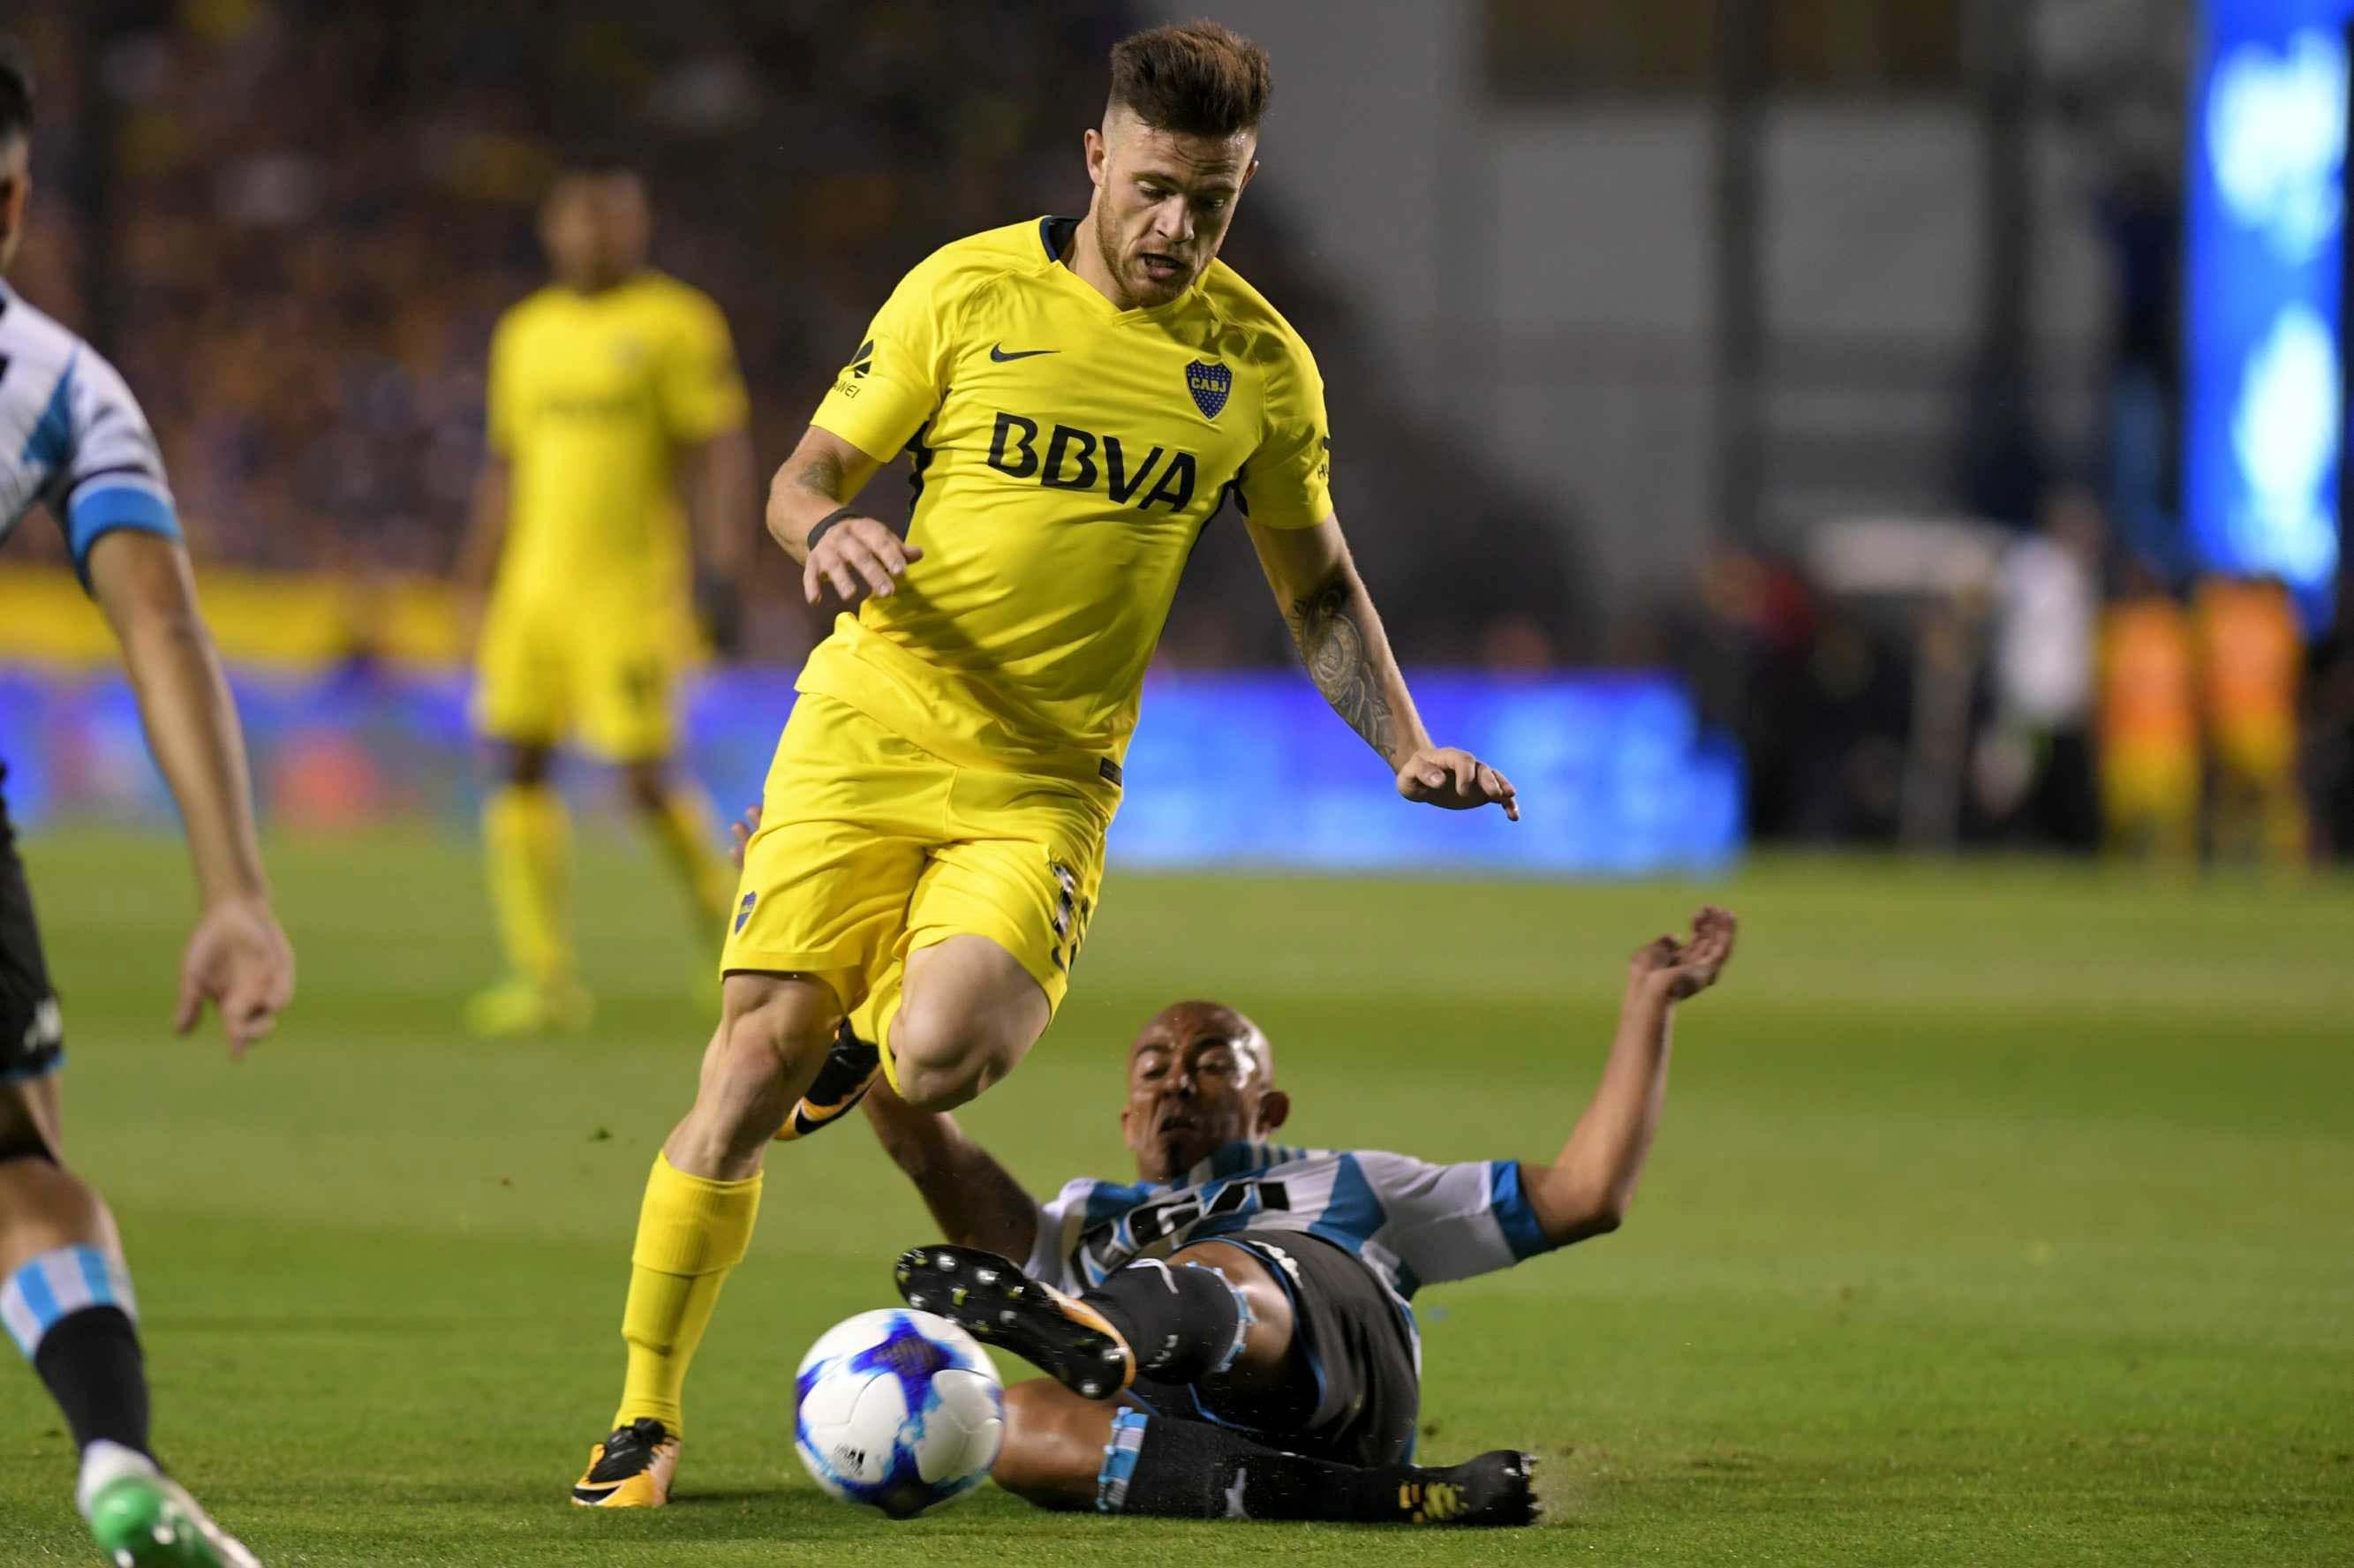 Boca vs. Arsenal por la 11º fecha de la Superliga: ¿cómo ver el partido online?